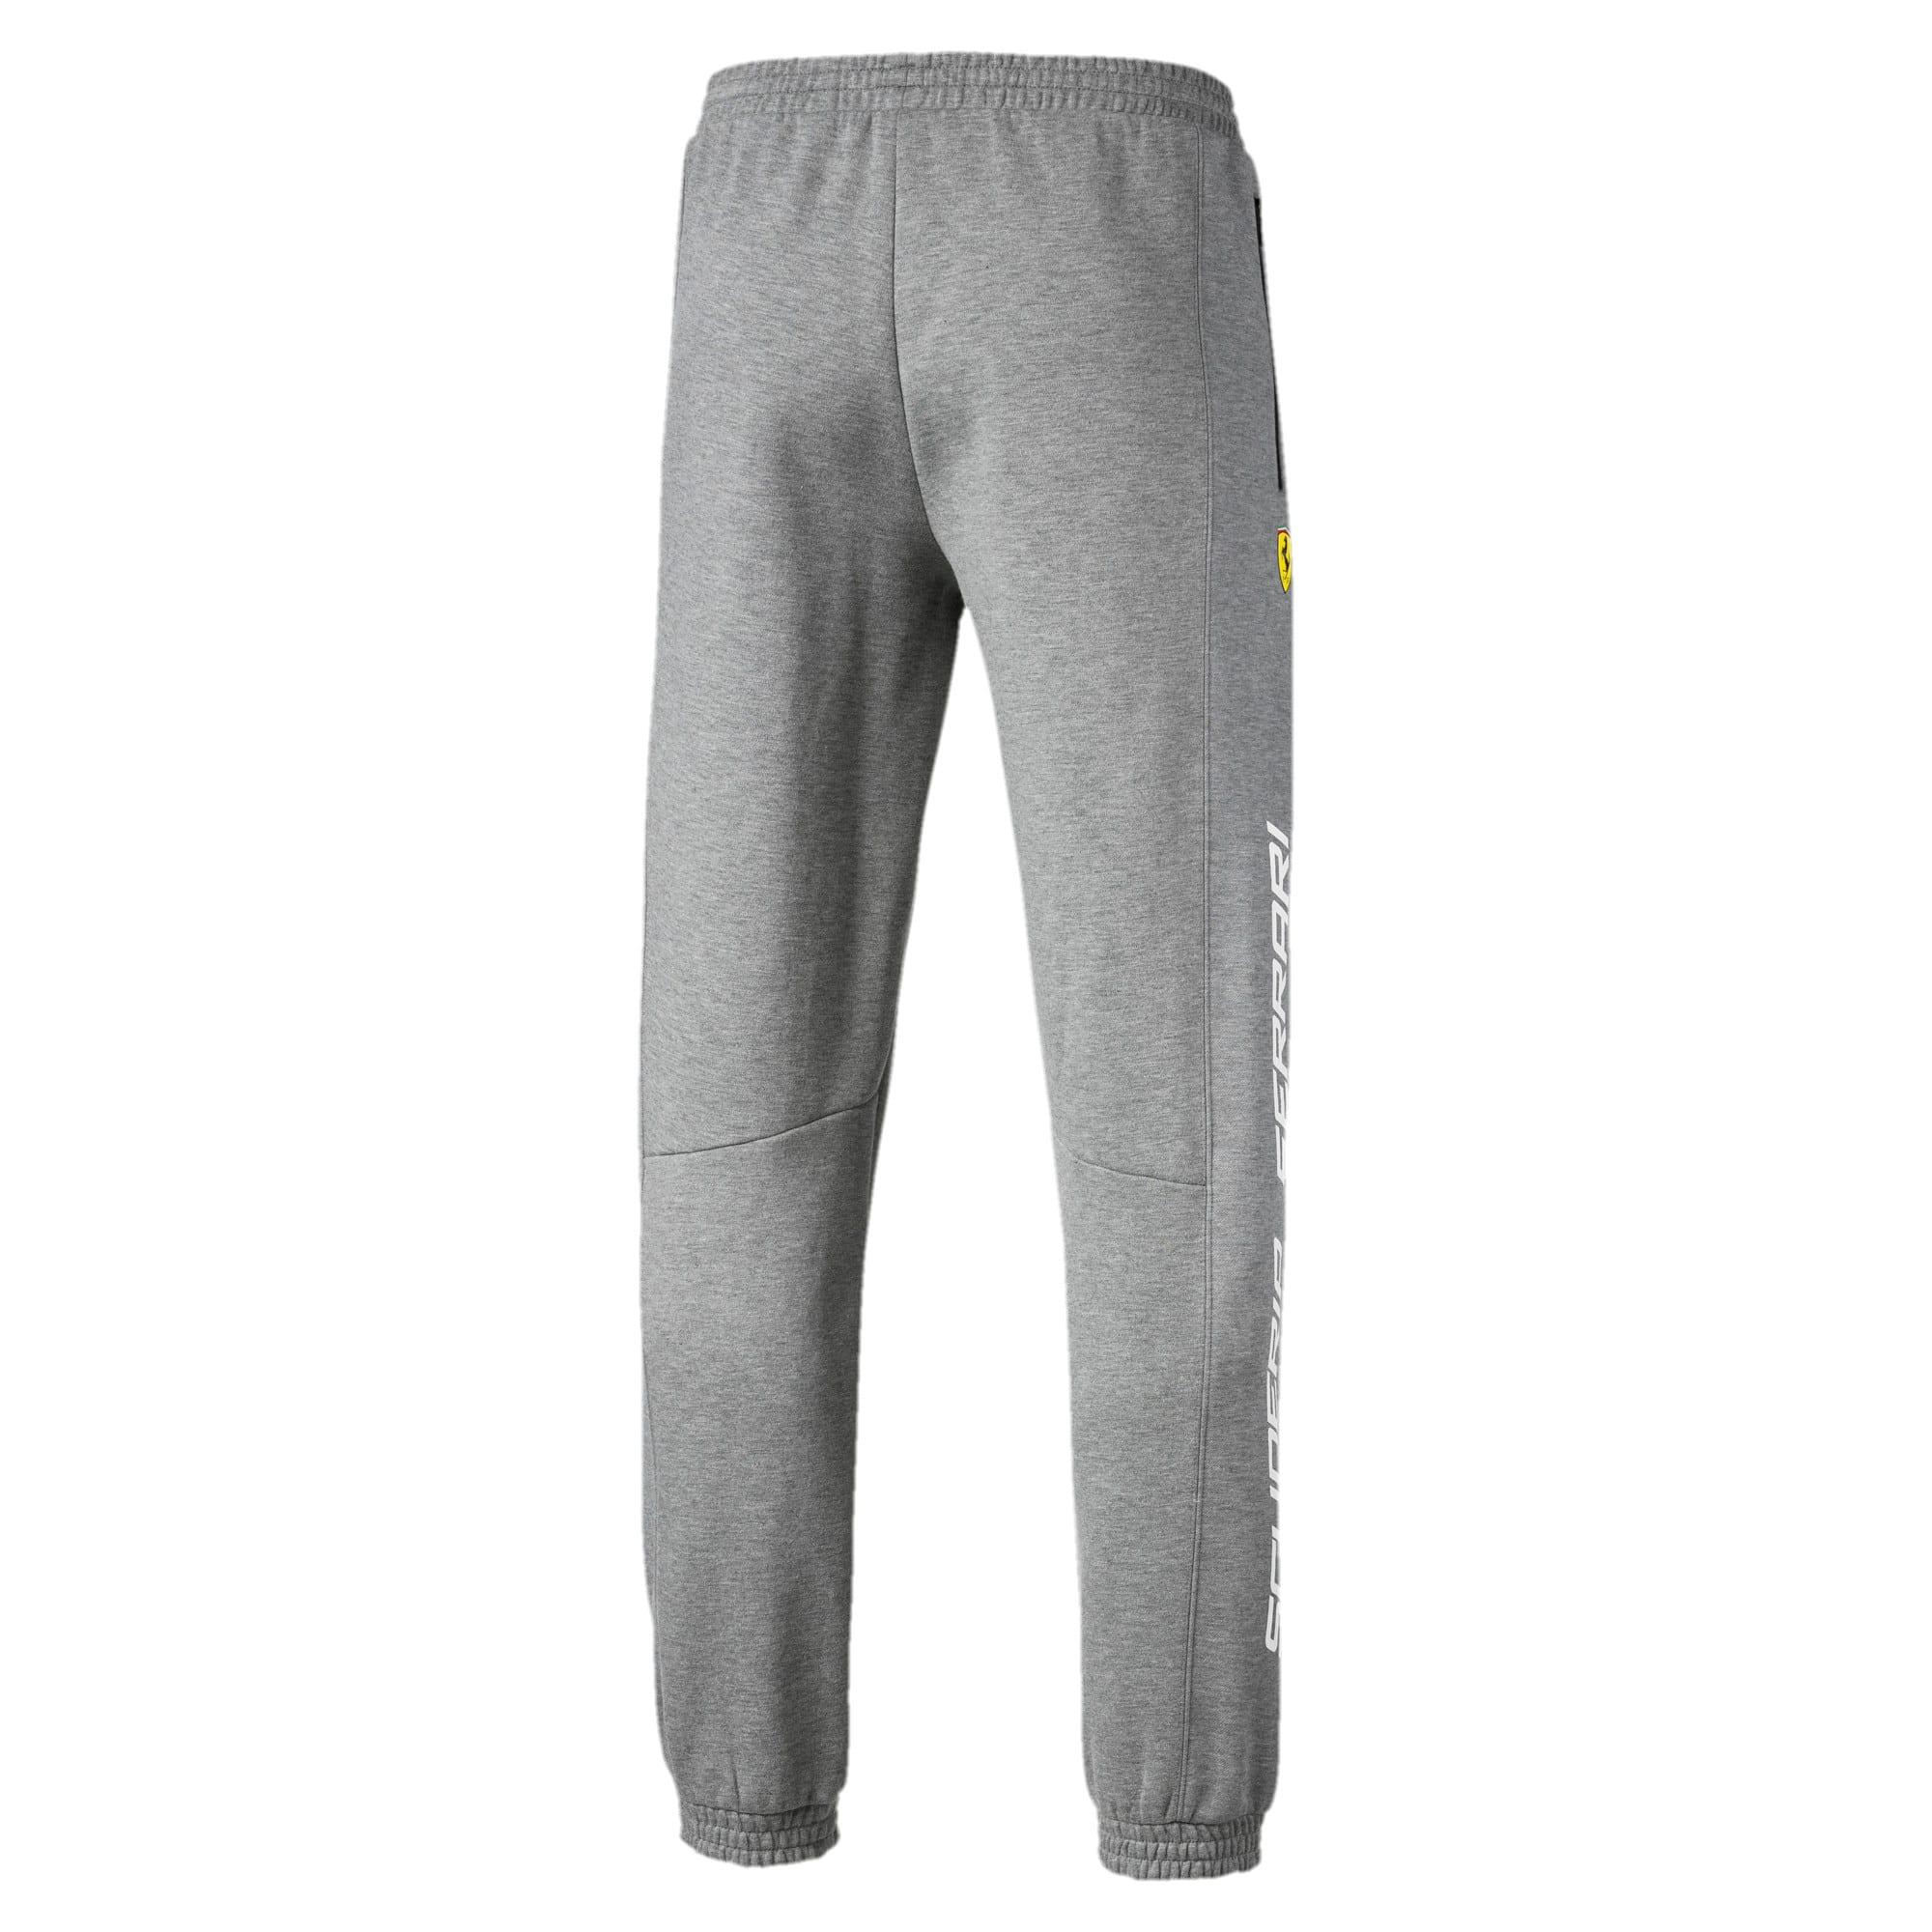 Thumbnail 5 of Pantaloni della tuta Ferrari uomo, Medium Gray Heather, medium